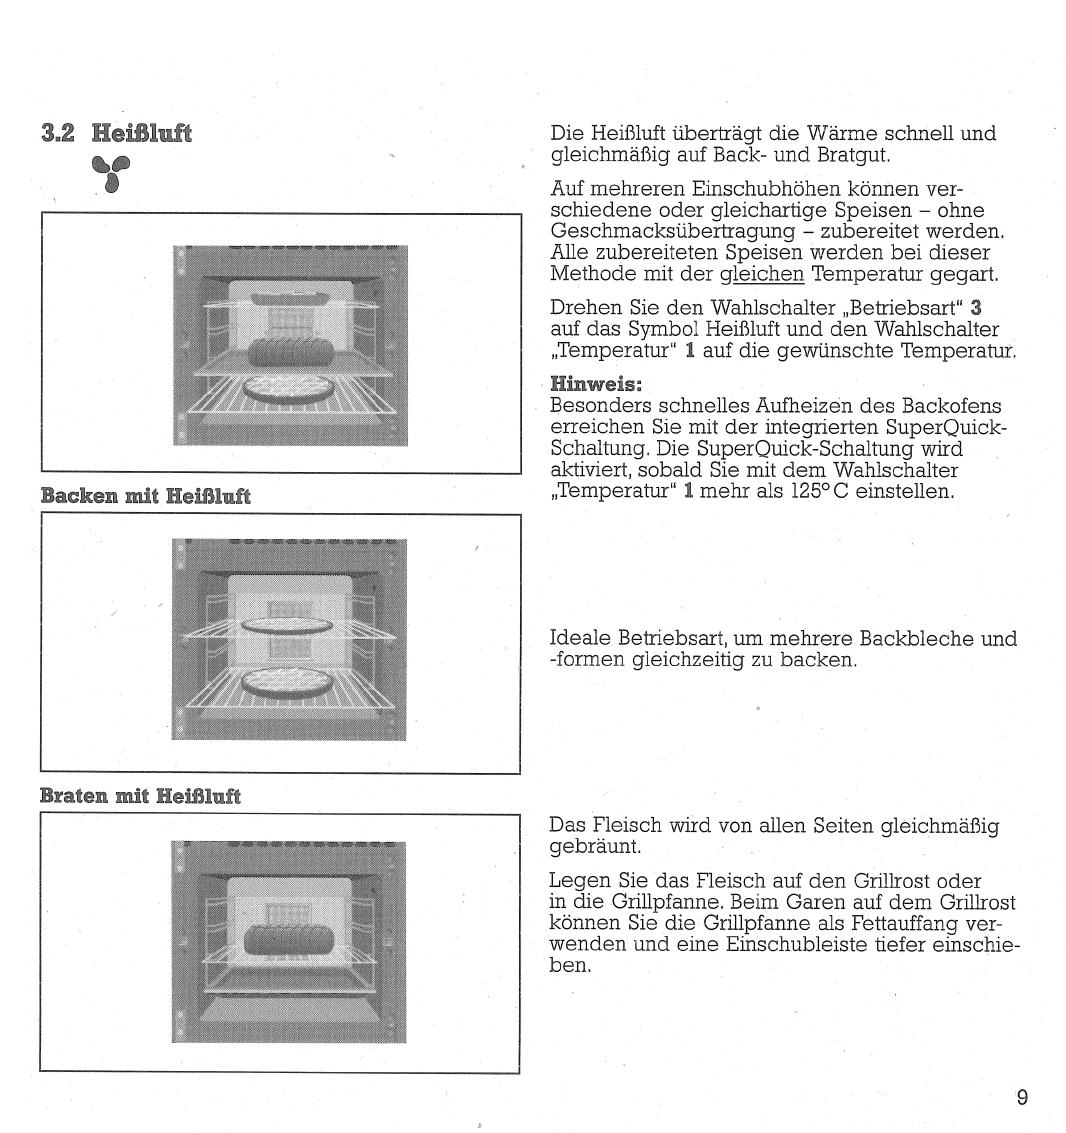 Atemberaubend Wählschalter Symbol Bilder - Der Schaltplan - greigo.com